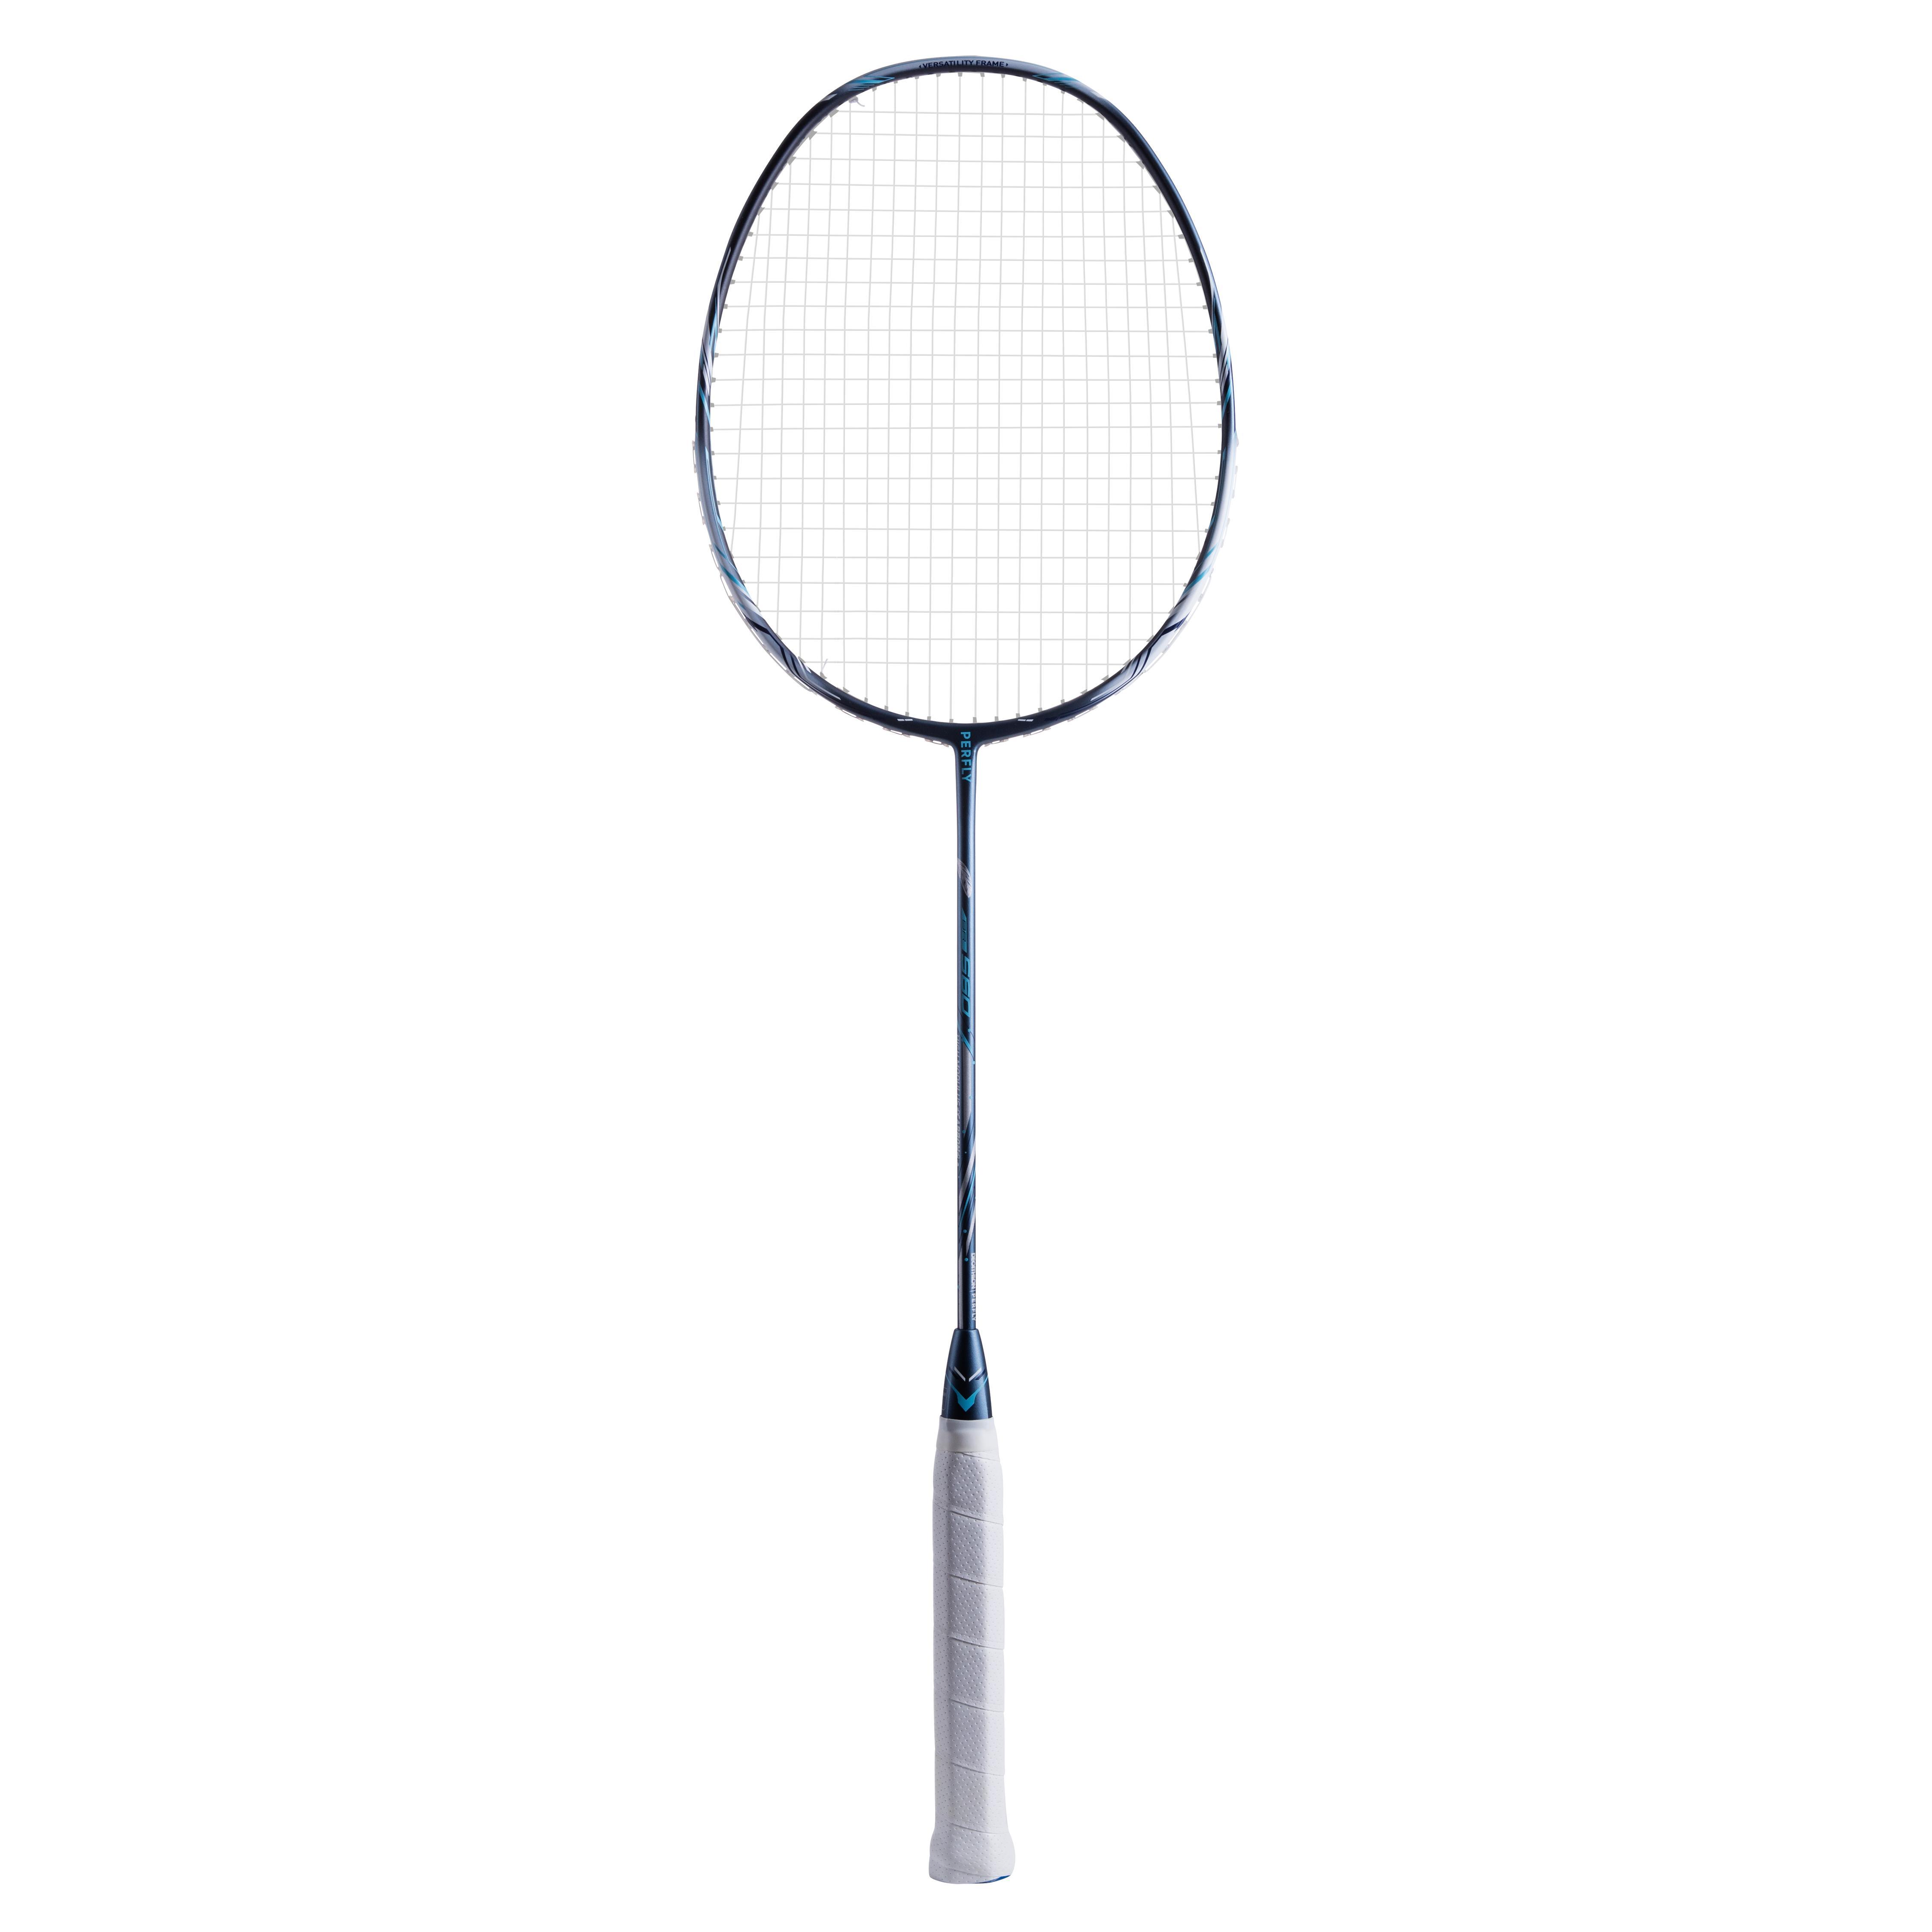 Perfly Badmintonracket BR 820 Lite volwassenen kopen